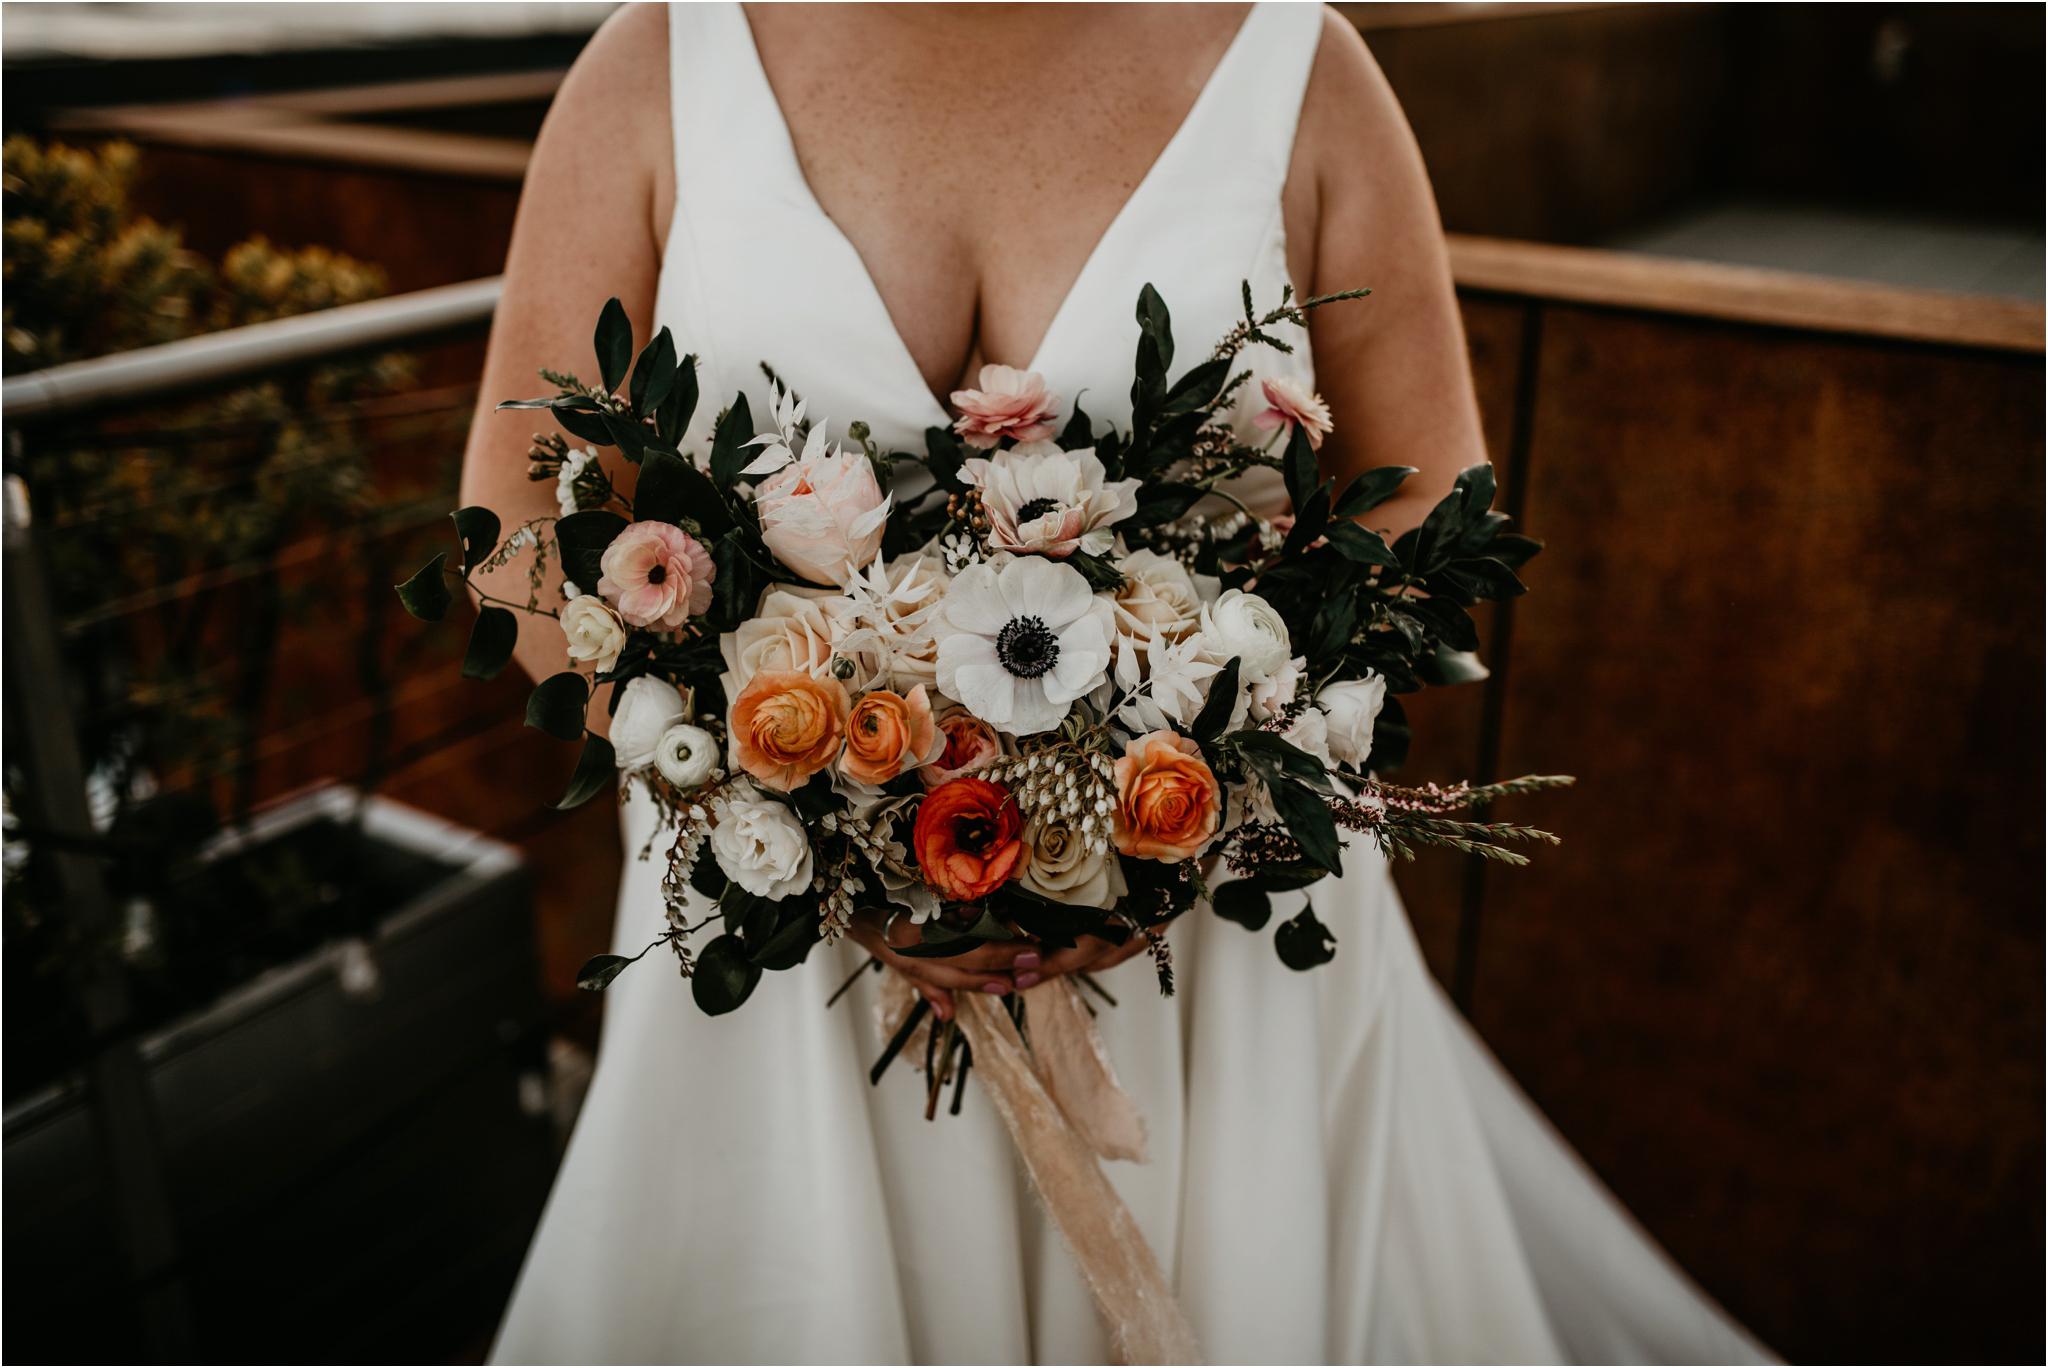 ashley-and-david-fremont-foundry-seattle-washington-wedding-photographer-098.jpg